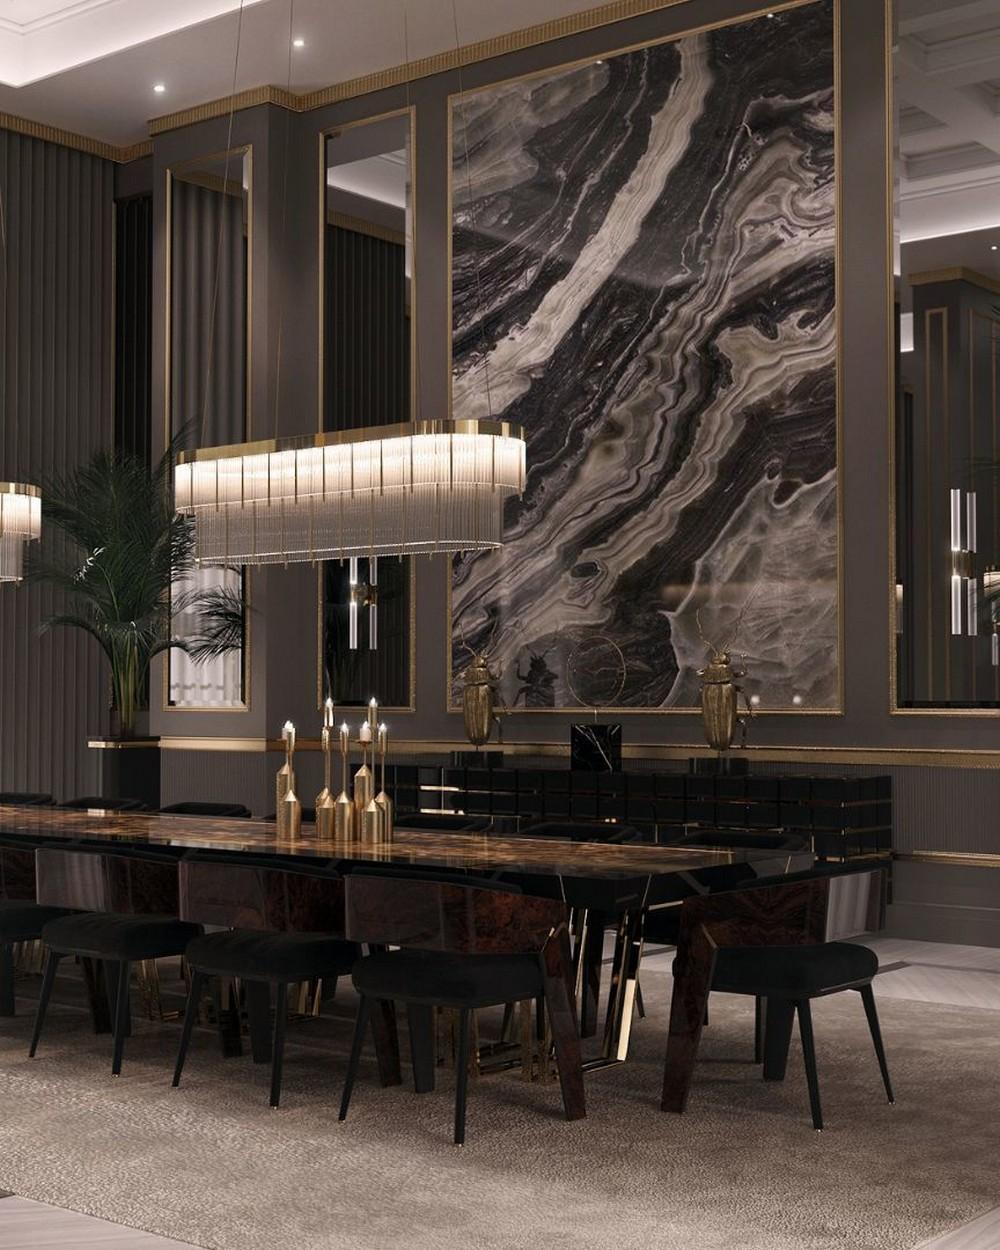 Comedores lujuosos: Inspiraciónes perfectas para un Diseño de interior moderno comedores lujuosos Comedores lujuosos: Inspiraciónes perfectas para un Diseño de interior moderno 4